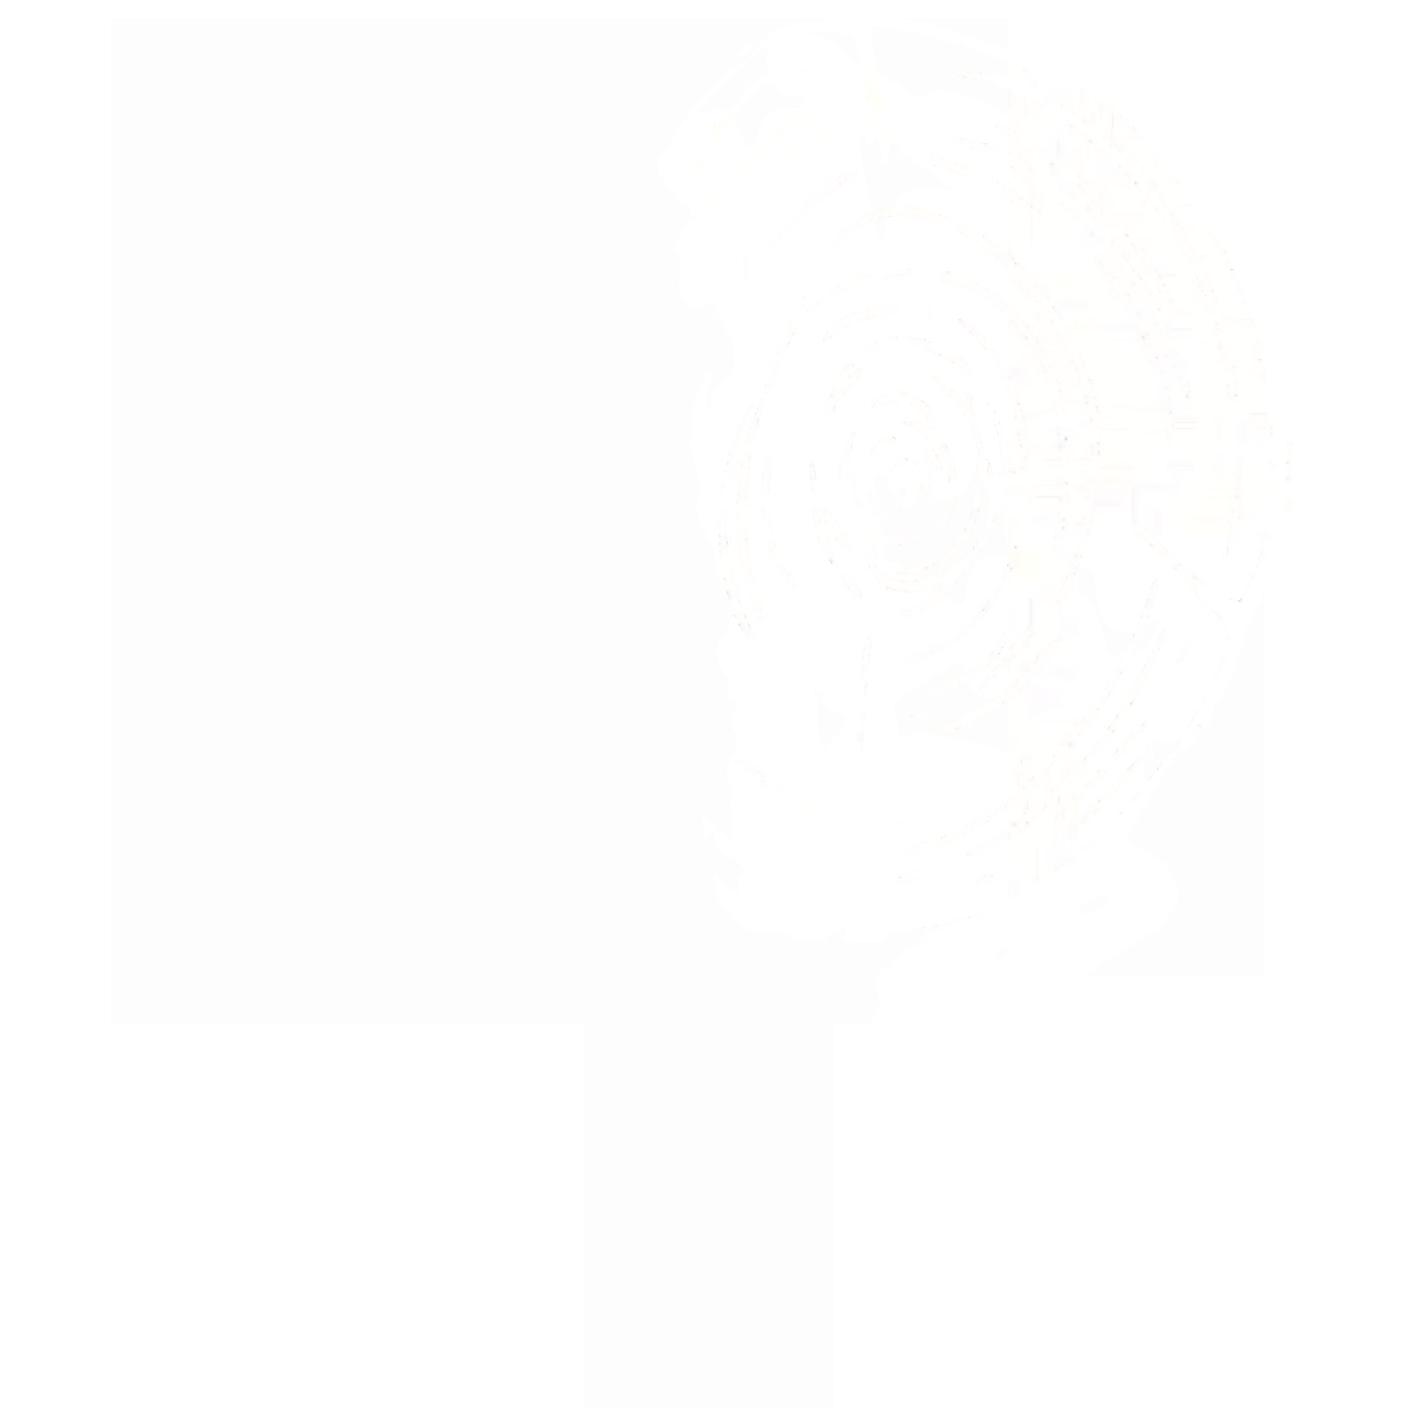 Baumpflege, Fällungen und ökologischer Holzbau in Bamberg, Bayreuth und Kulmbach